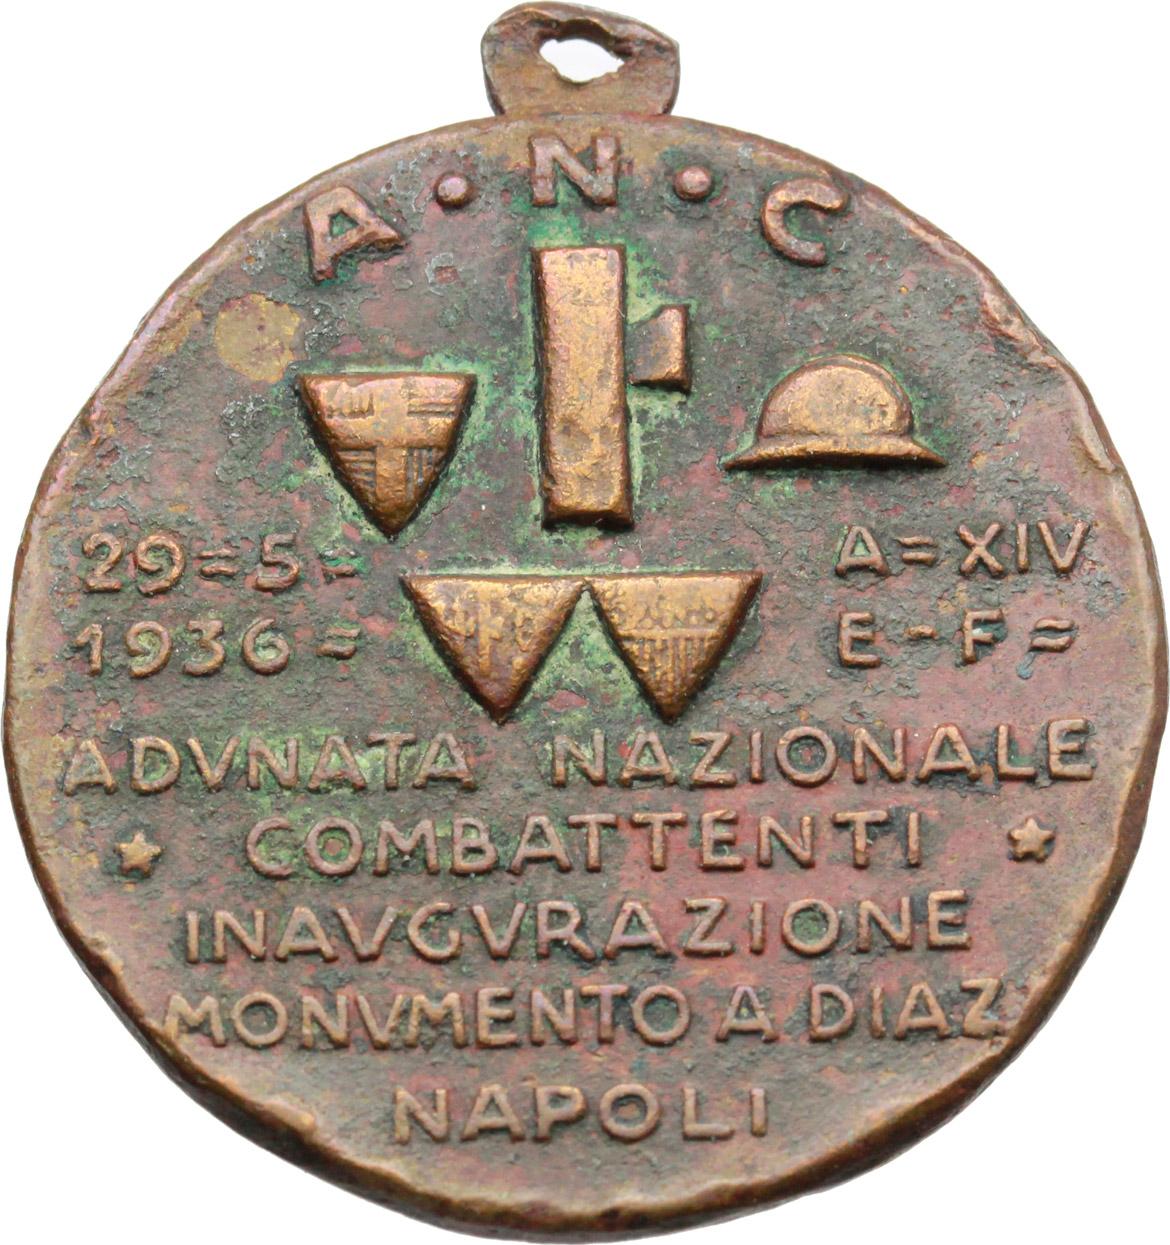 R/  Medaglia A. N. C. Adunata Nazionale Combattenti. Inaugurazione monumento a Diaz, Napoli 29-5-1936, XIV.     AE.   mm. 32.00    qBB.